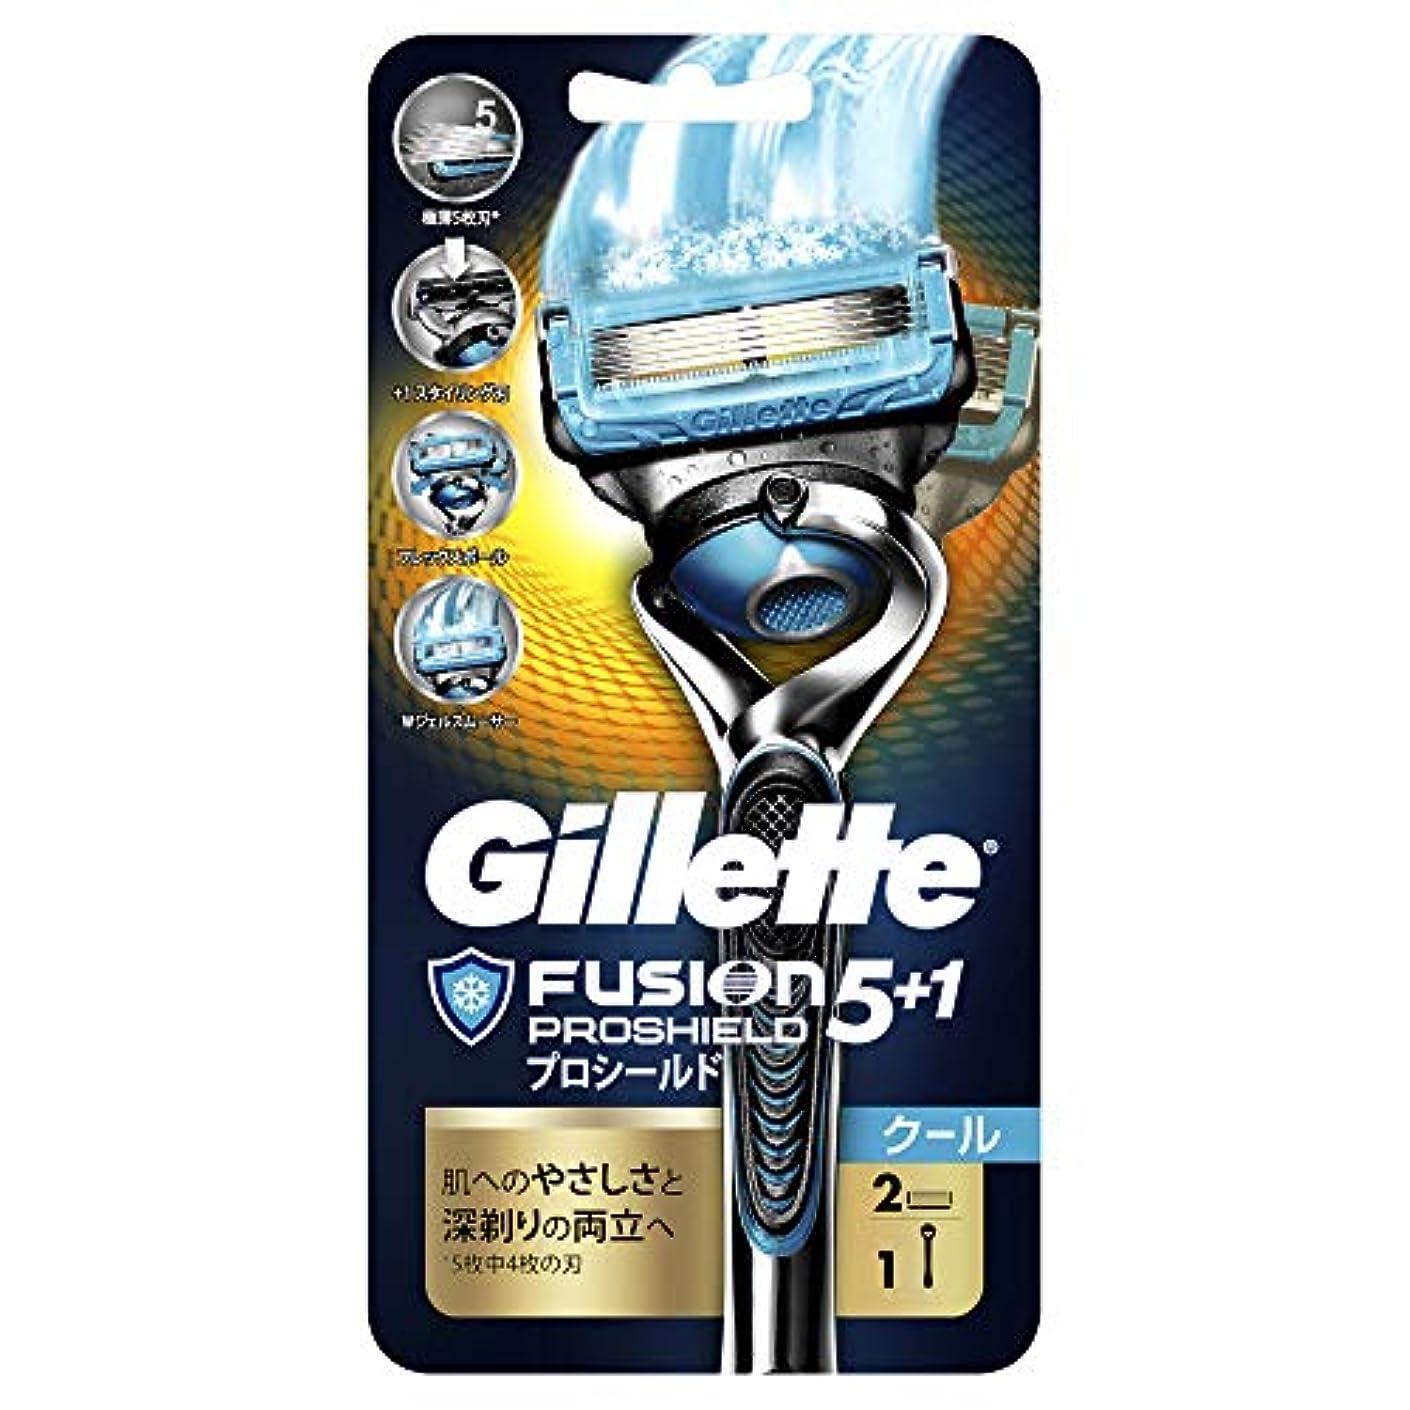 モールス信号同等のくつろぎジレット 髭剃り フュージョン5+1 プロシールド クール 本体 替刃1個付